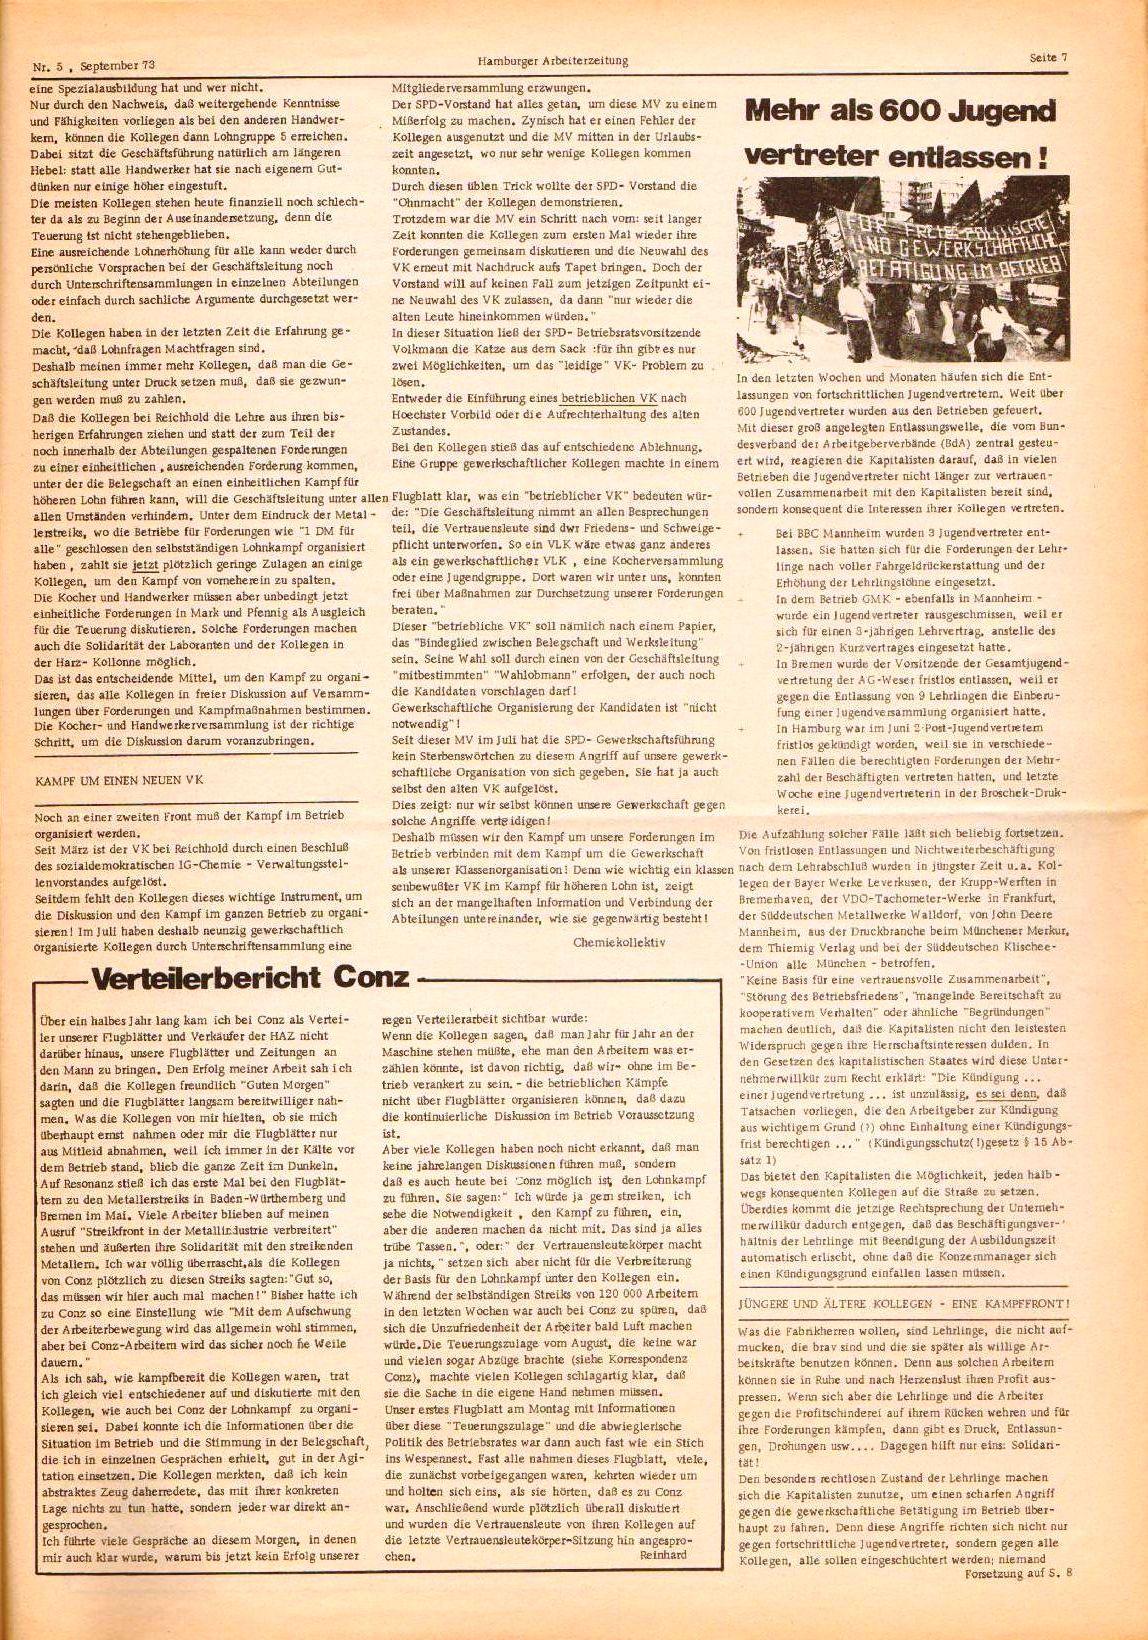 Hamburger_Arbeiterzeitung084